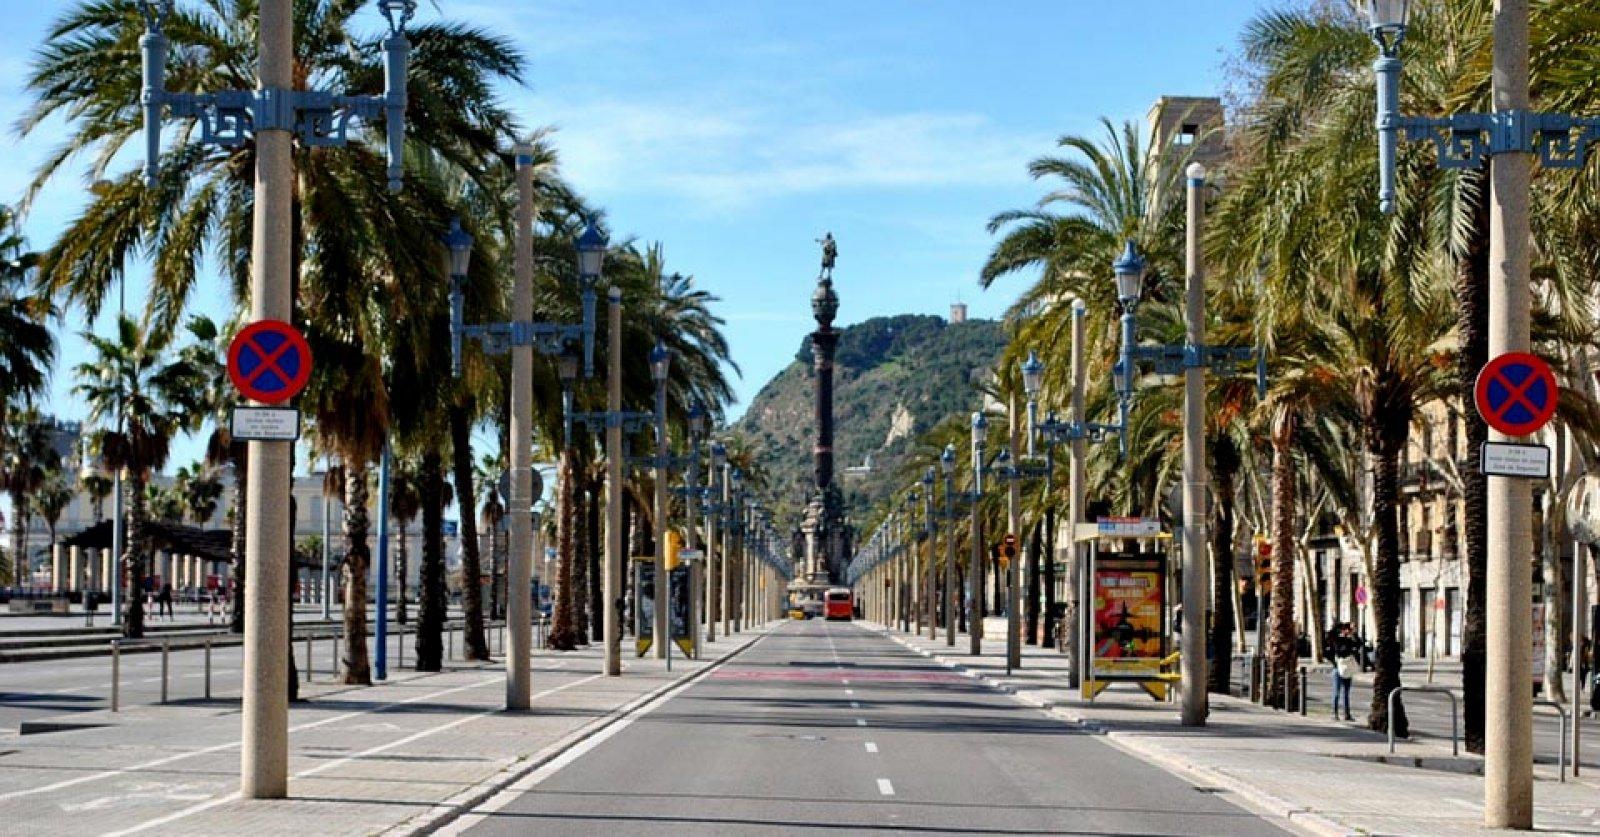 Palmeres a Barcelona, prop de l'estàtua de Colom